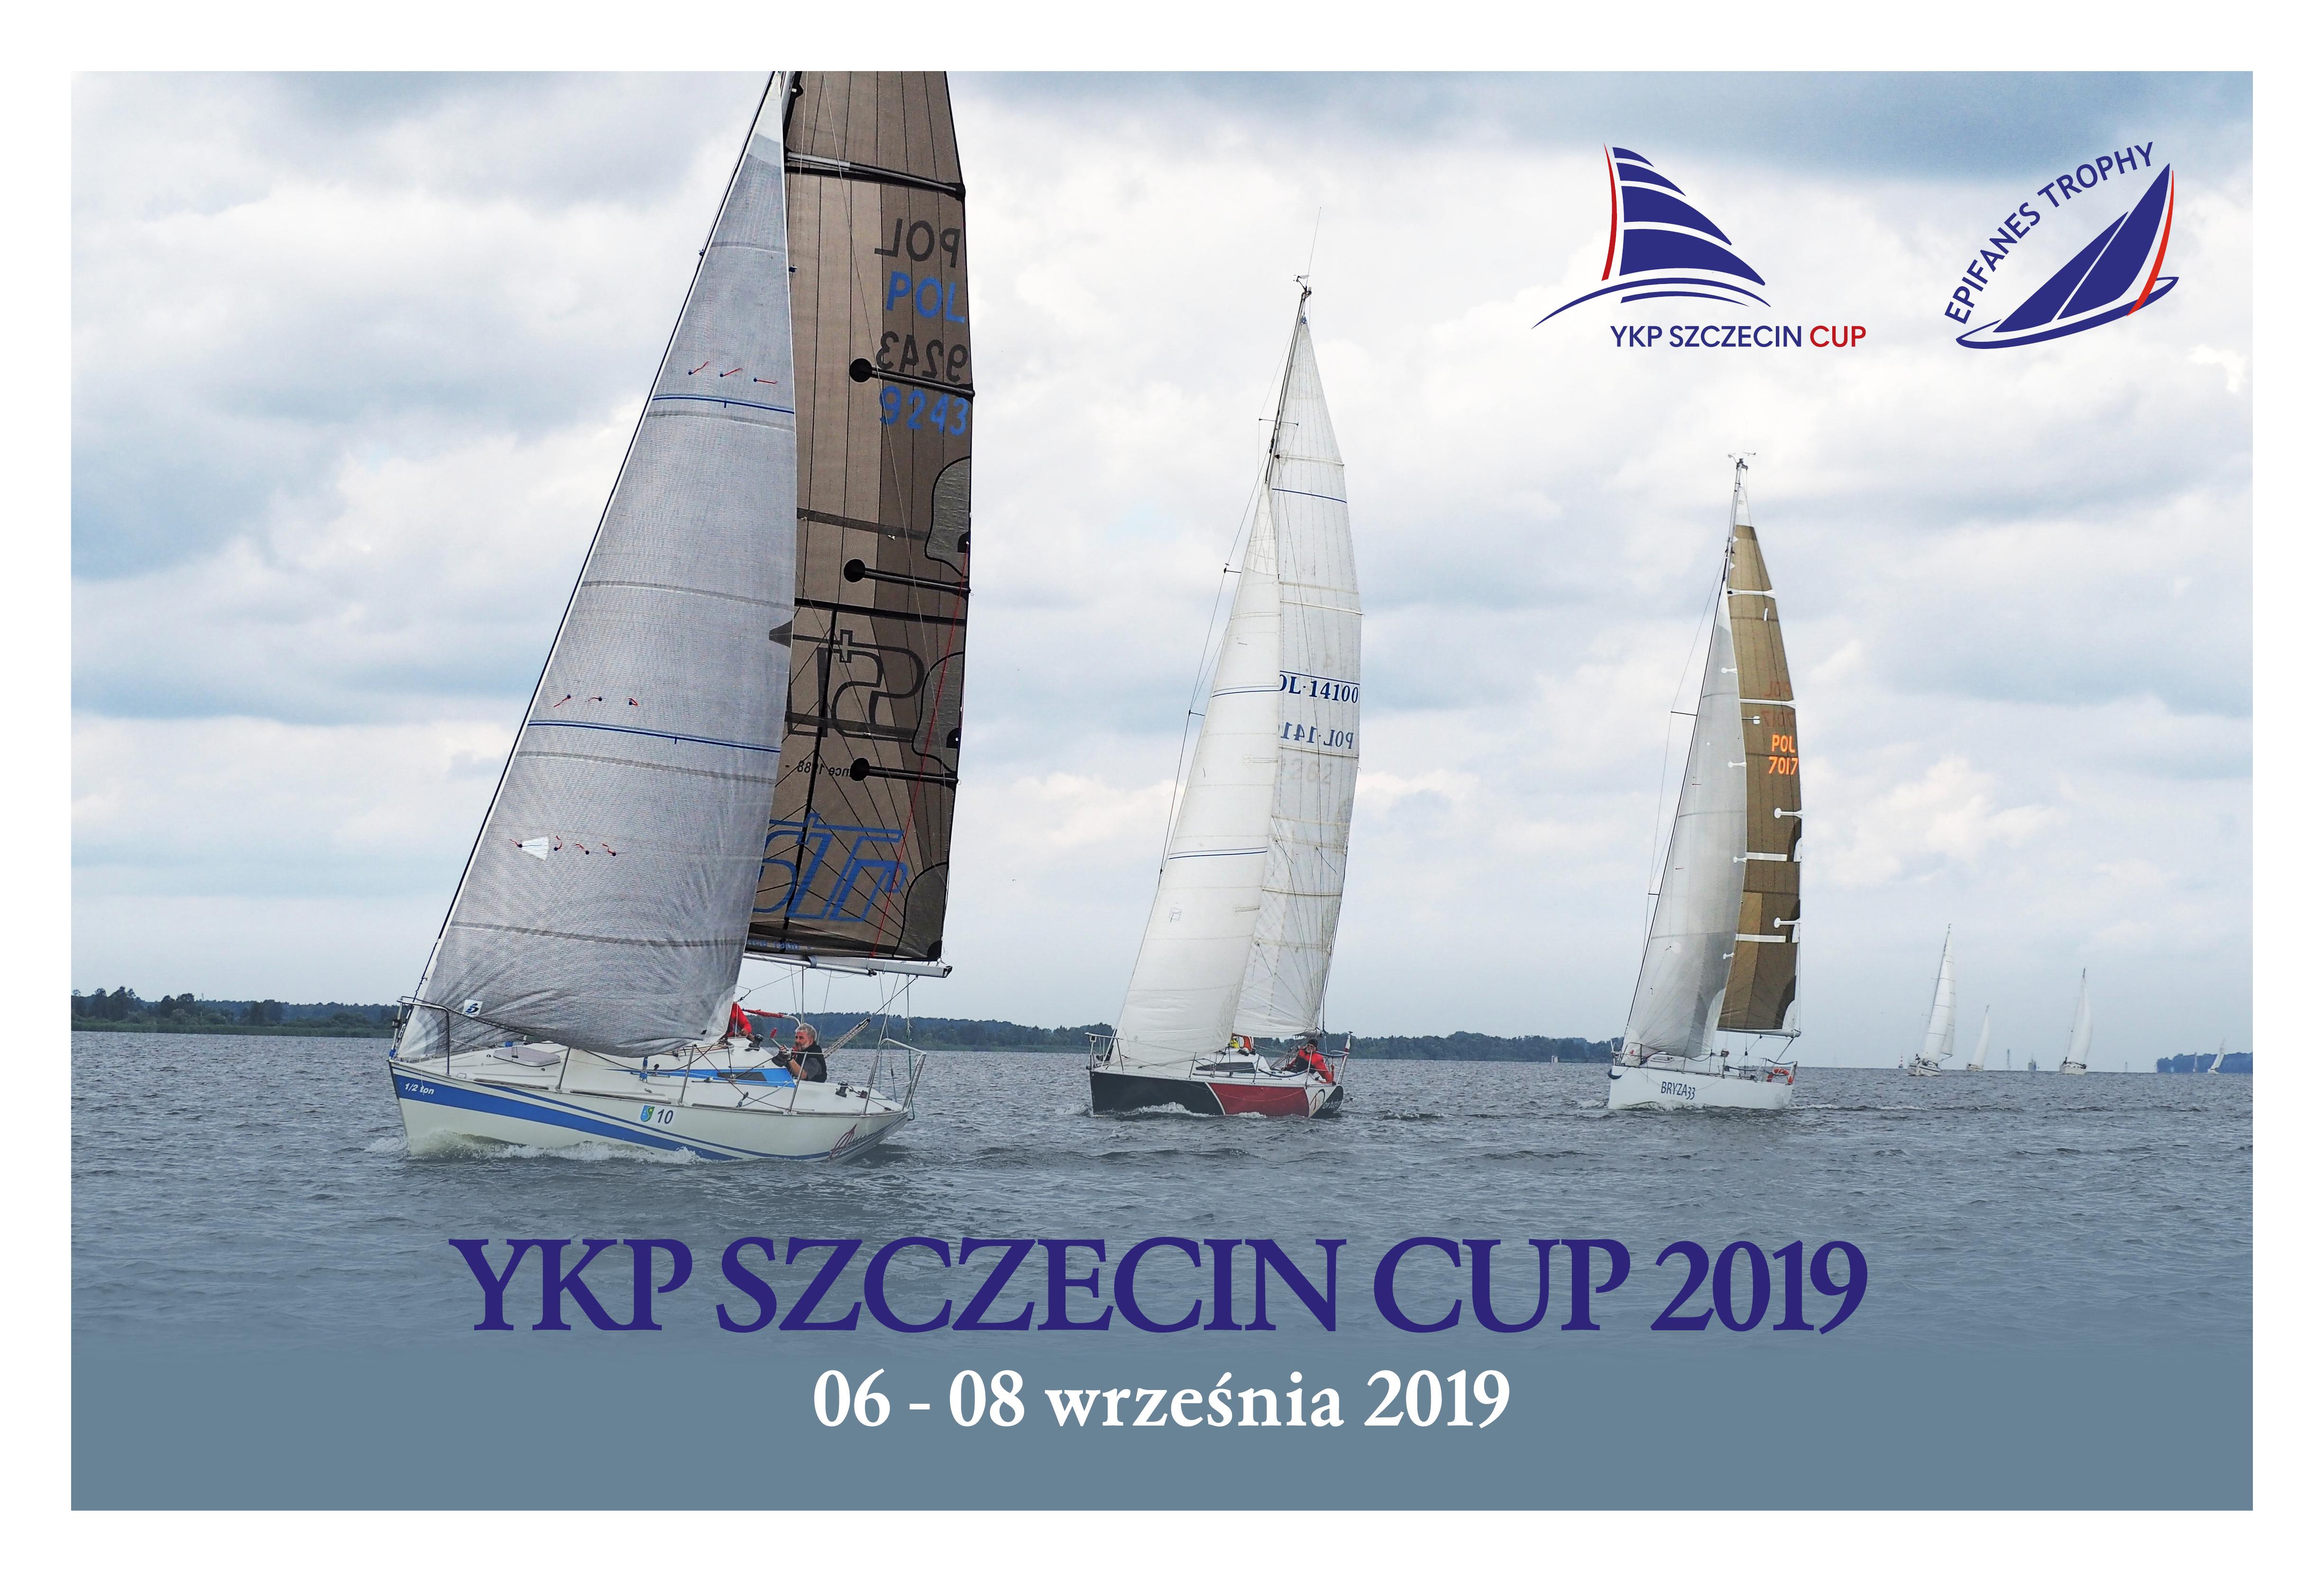 Zaproszenie na Regaty YKP SZCZECIN CUP 2019